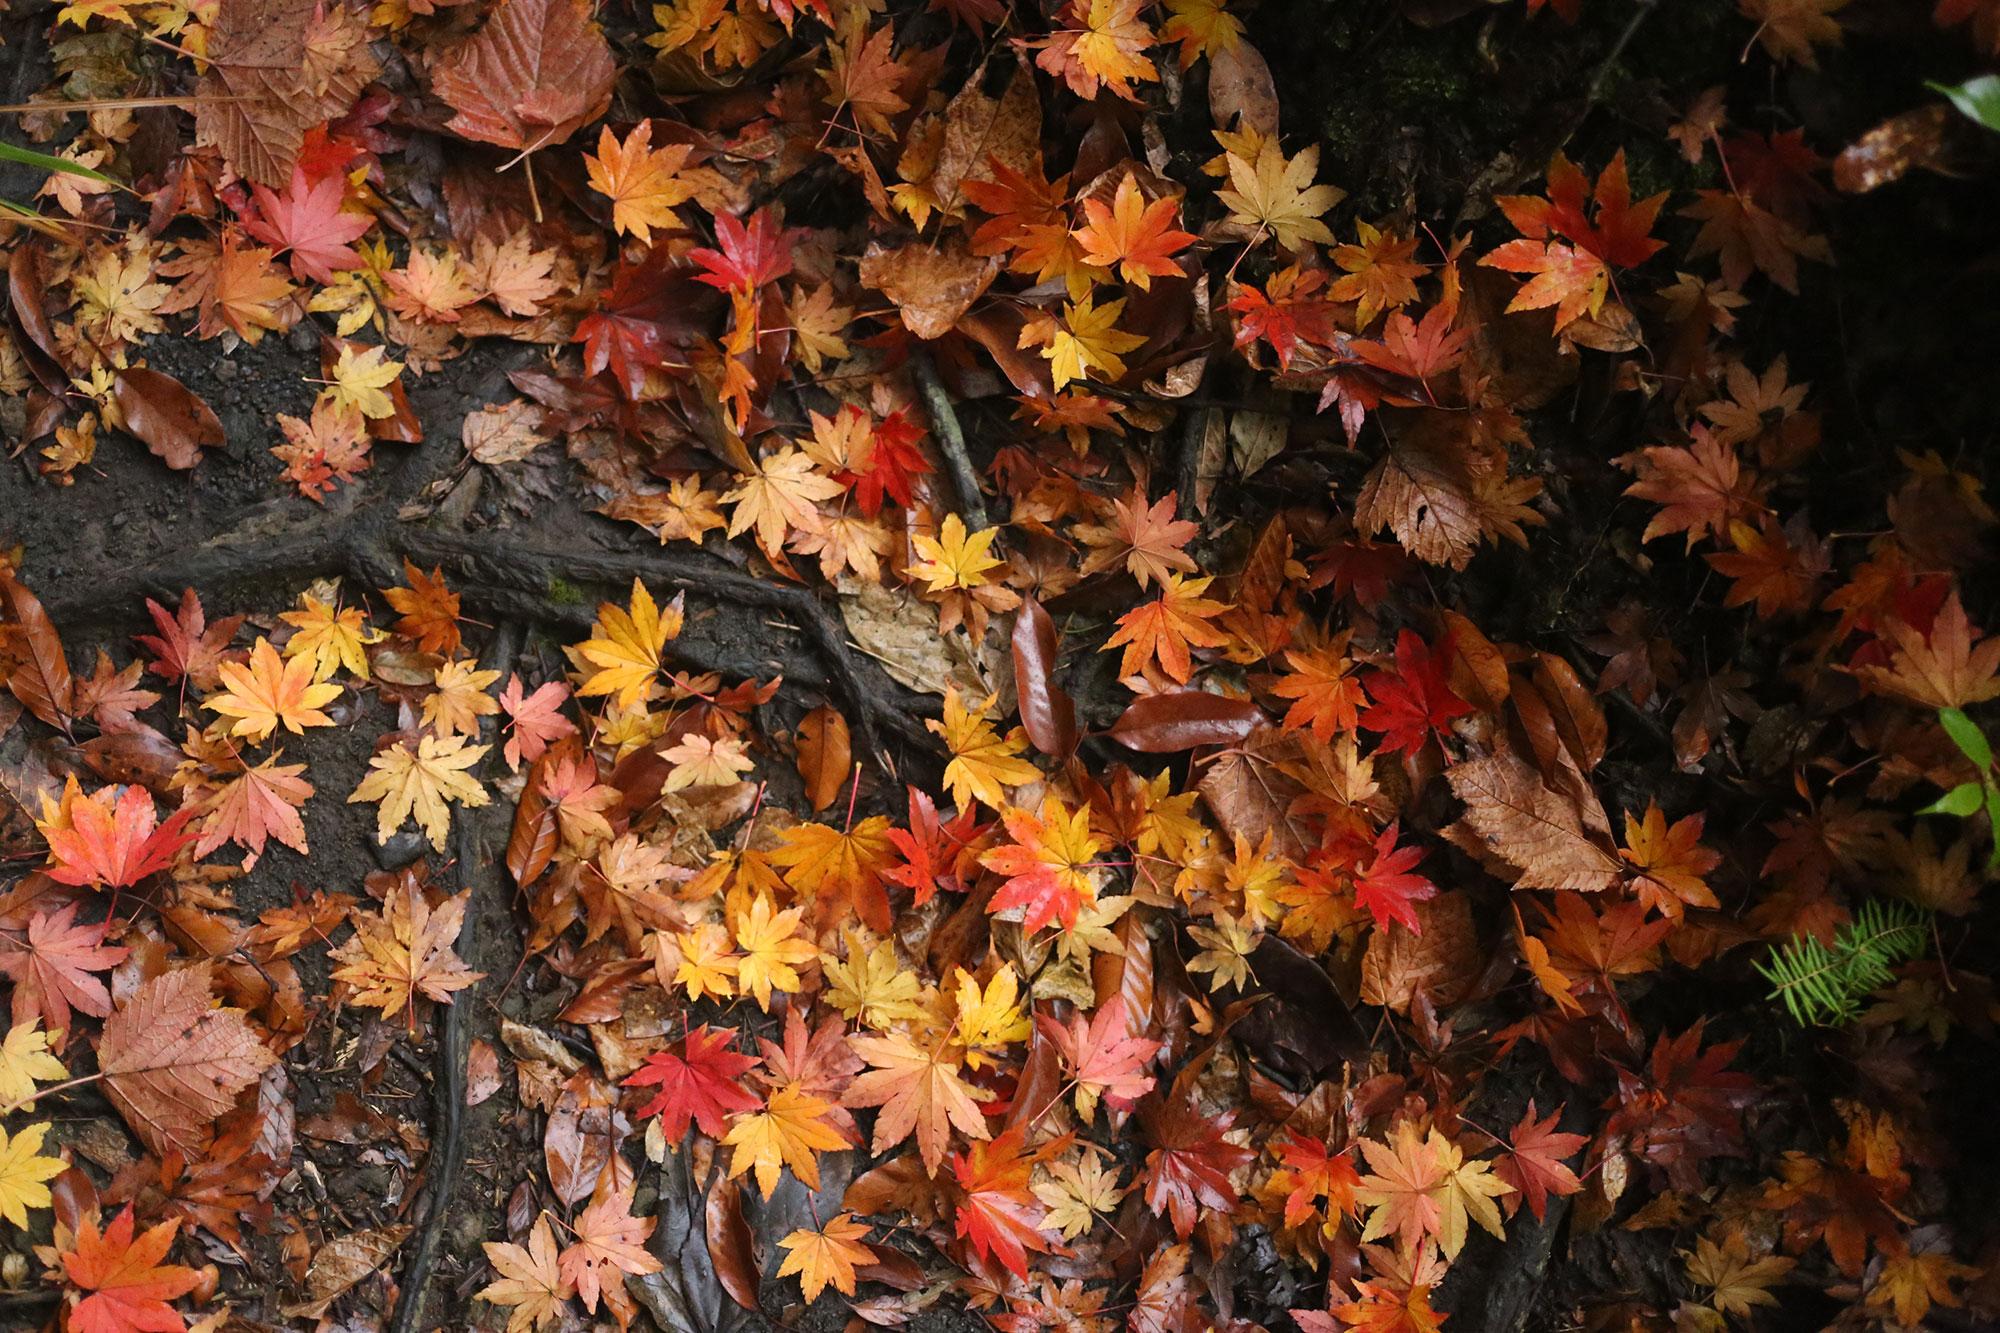 登山道に落ちた紅葉